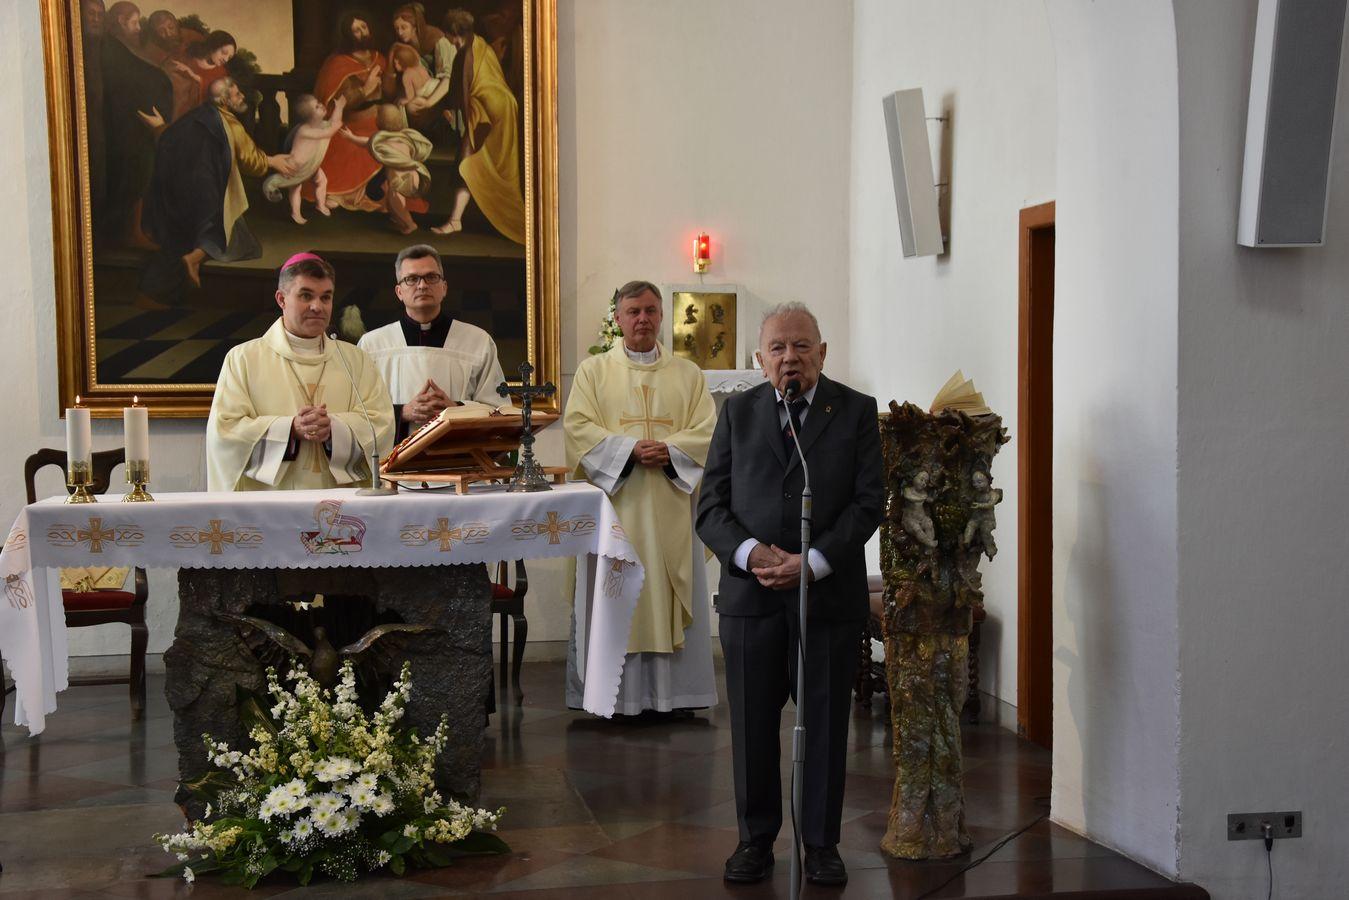 Msza-św_-w-Kaplicy-Królewskiej-fot_-J_-Wikowski-A31_7079